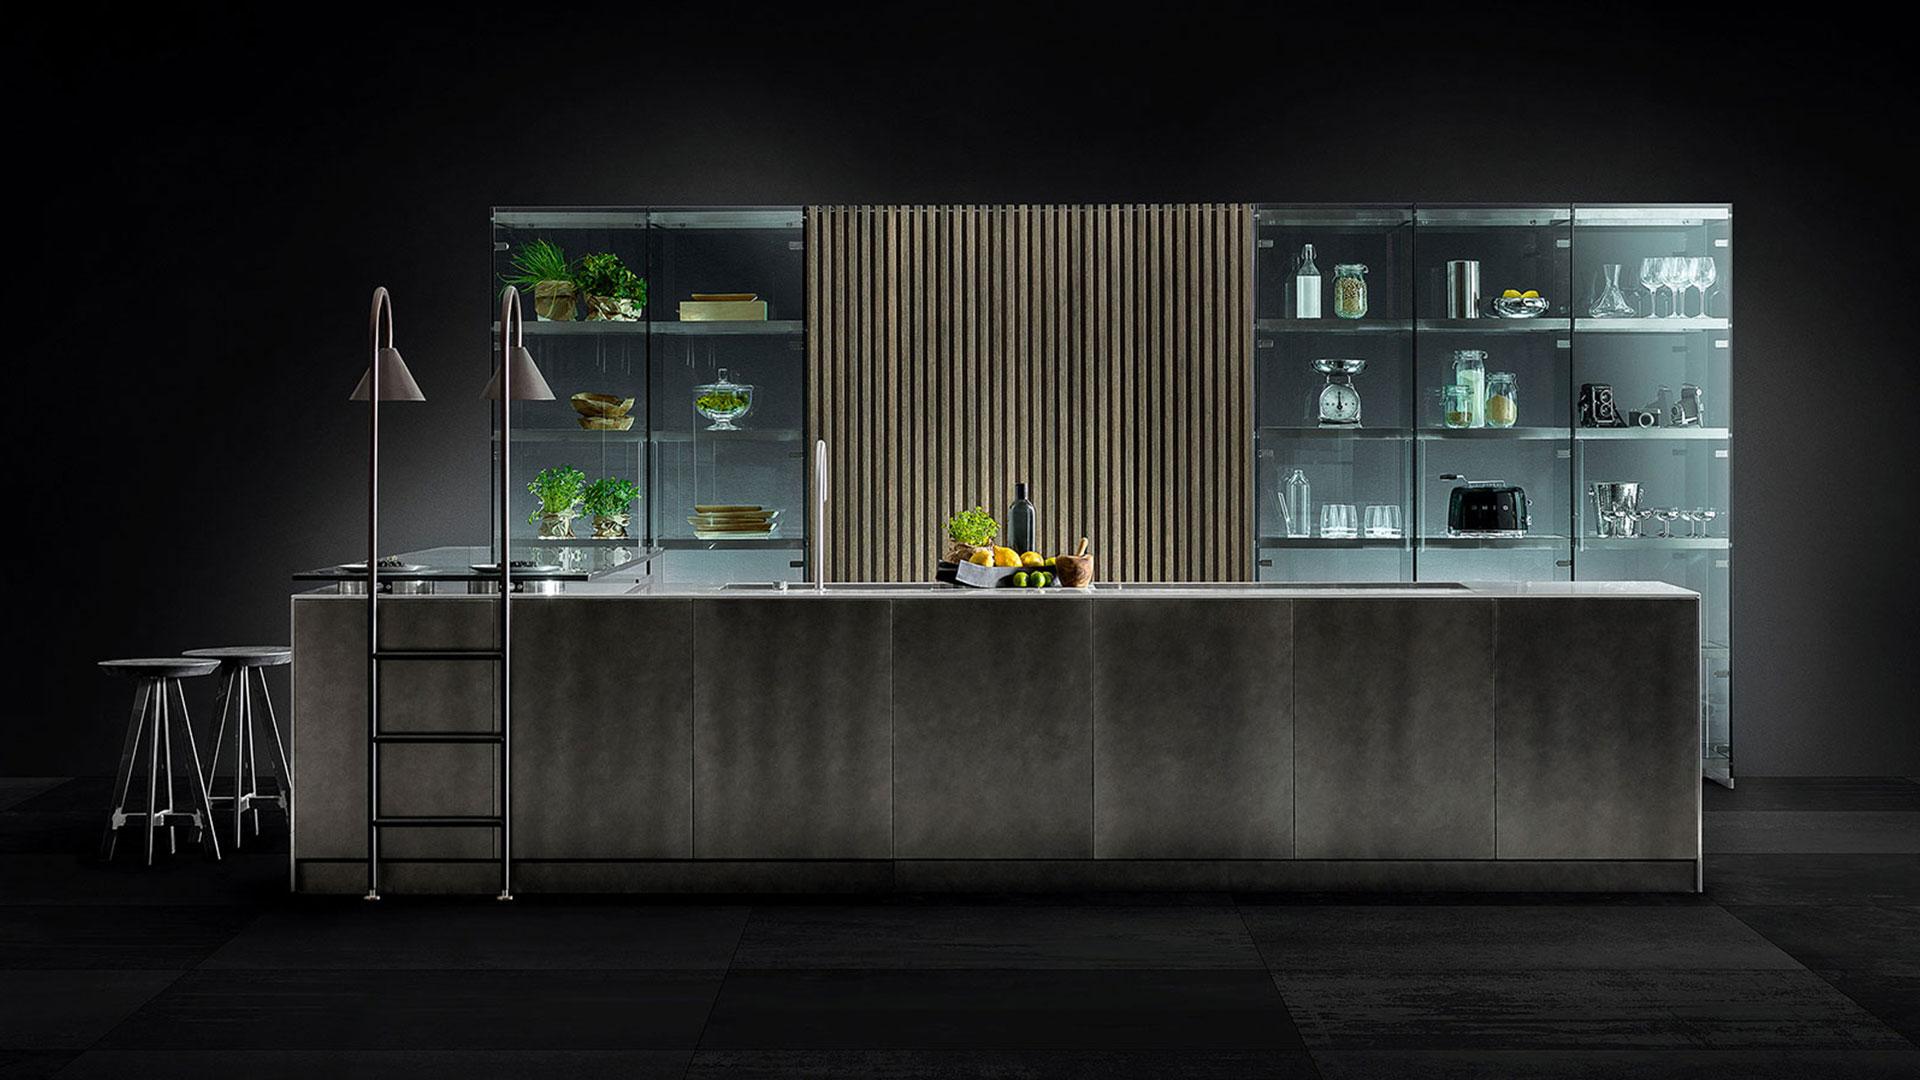 Cucina in legno e acciaio con isola D90 | Collezioni Cucine 2018 TM Italia - TM_CAT_D90_005